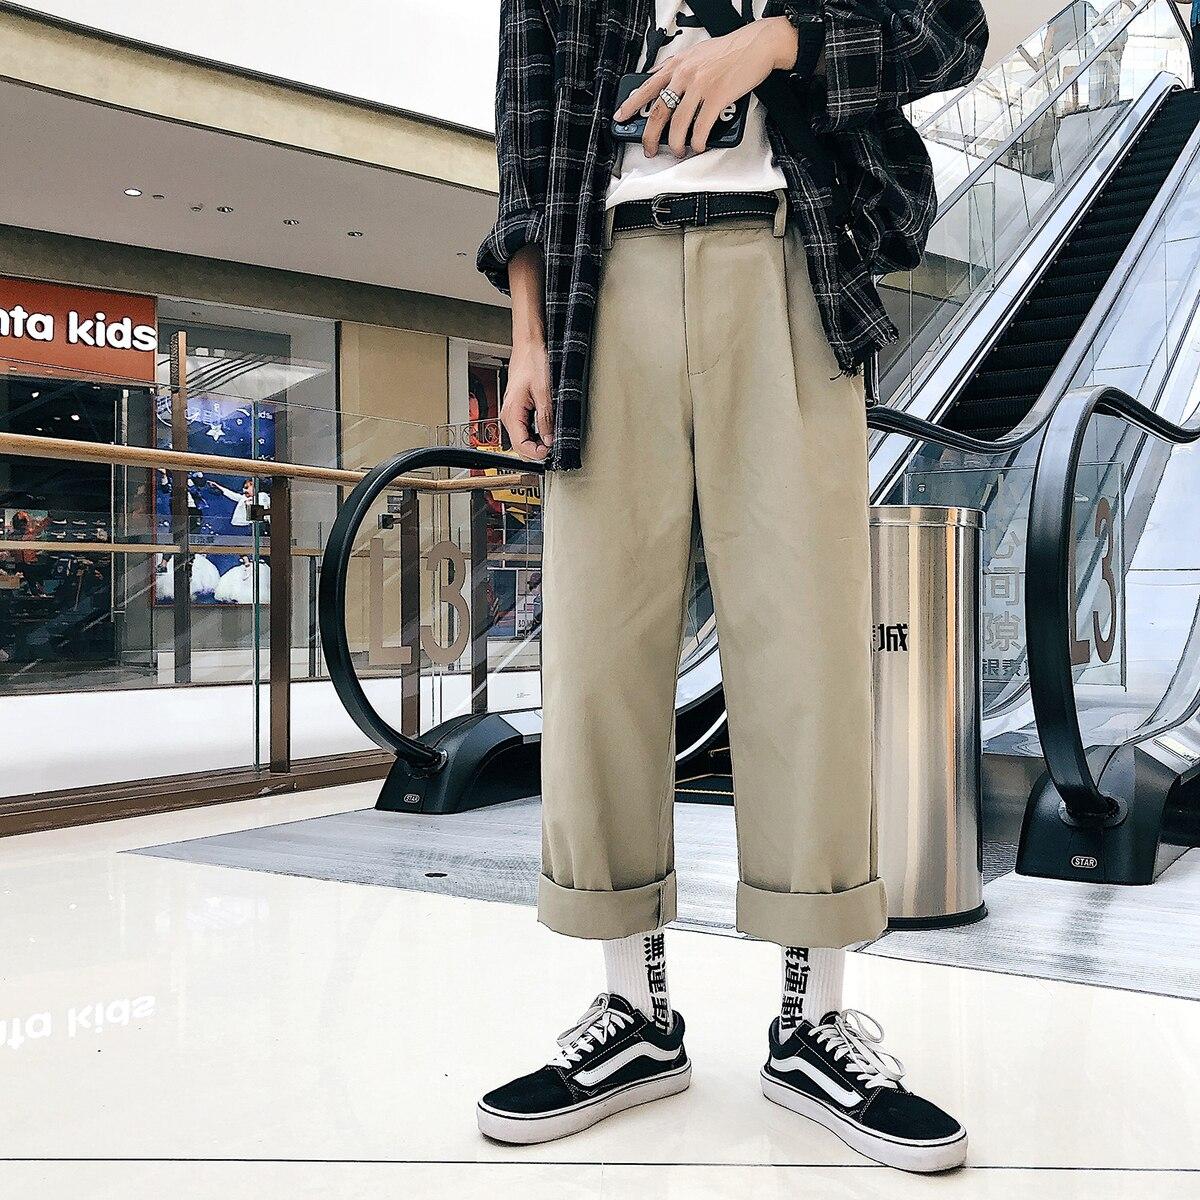 2018 original ญี่ปุ่นแฟชั่นบุคลิกภาพสีทึบหลวมขากว้างกางเกงกางเกงผู้ชายสบายๆกางเกง apricot/สีดำขนาด M 2XL-ใน กางเกงลำลอง จาก เสื้อผ้าผู้ชาย บน AliExpress - 11.11_สิบเอ็ด สิบเอ็ดวันคนโสด 1